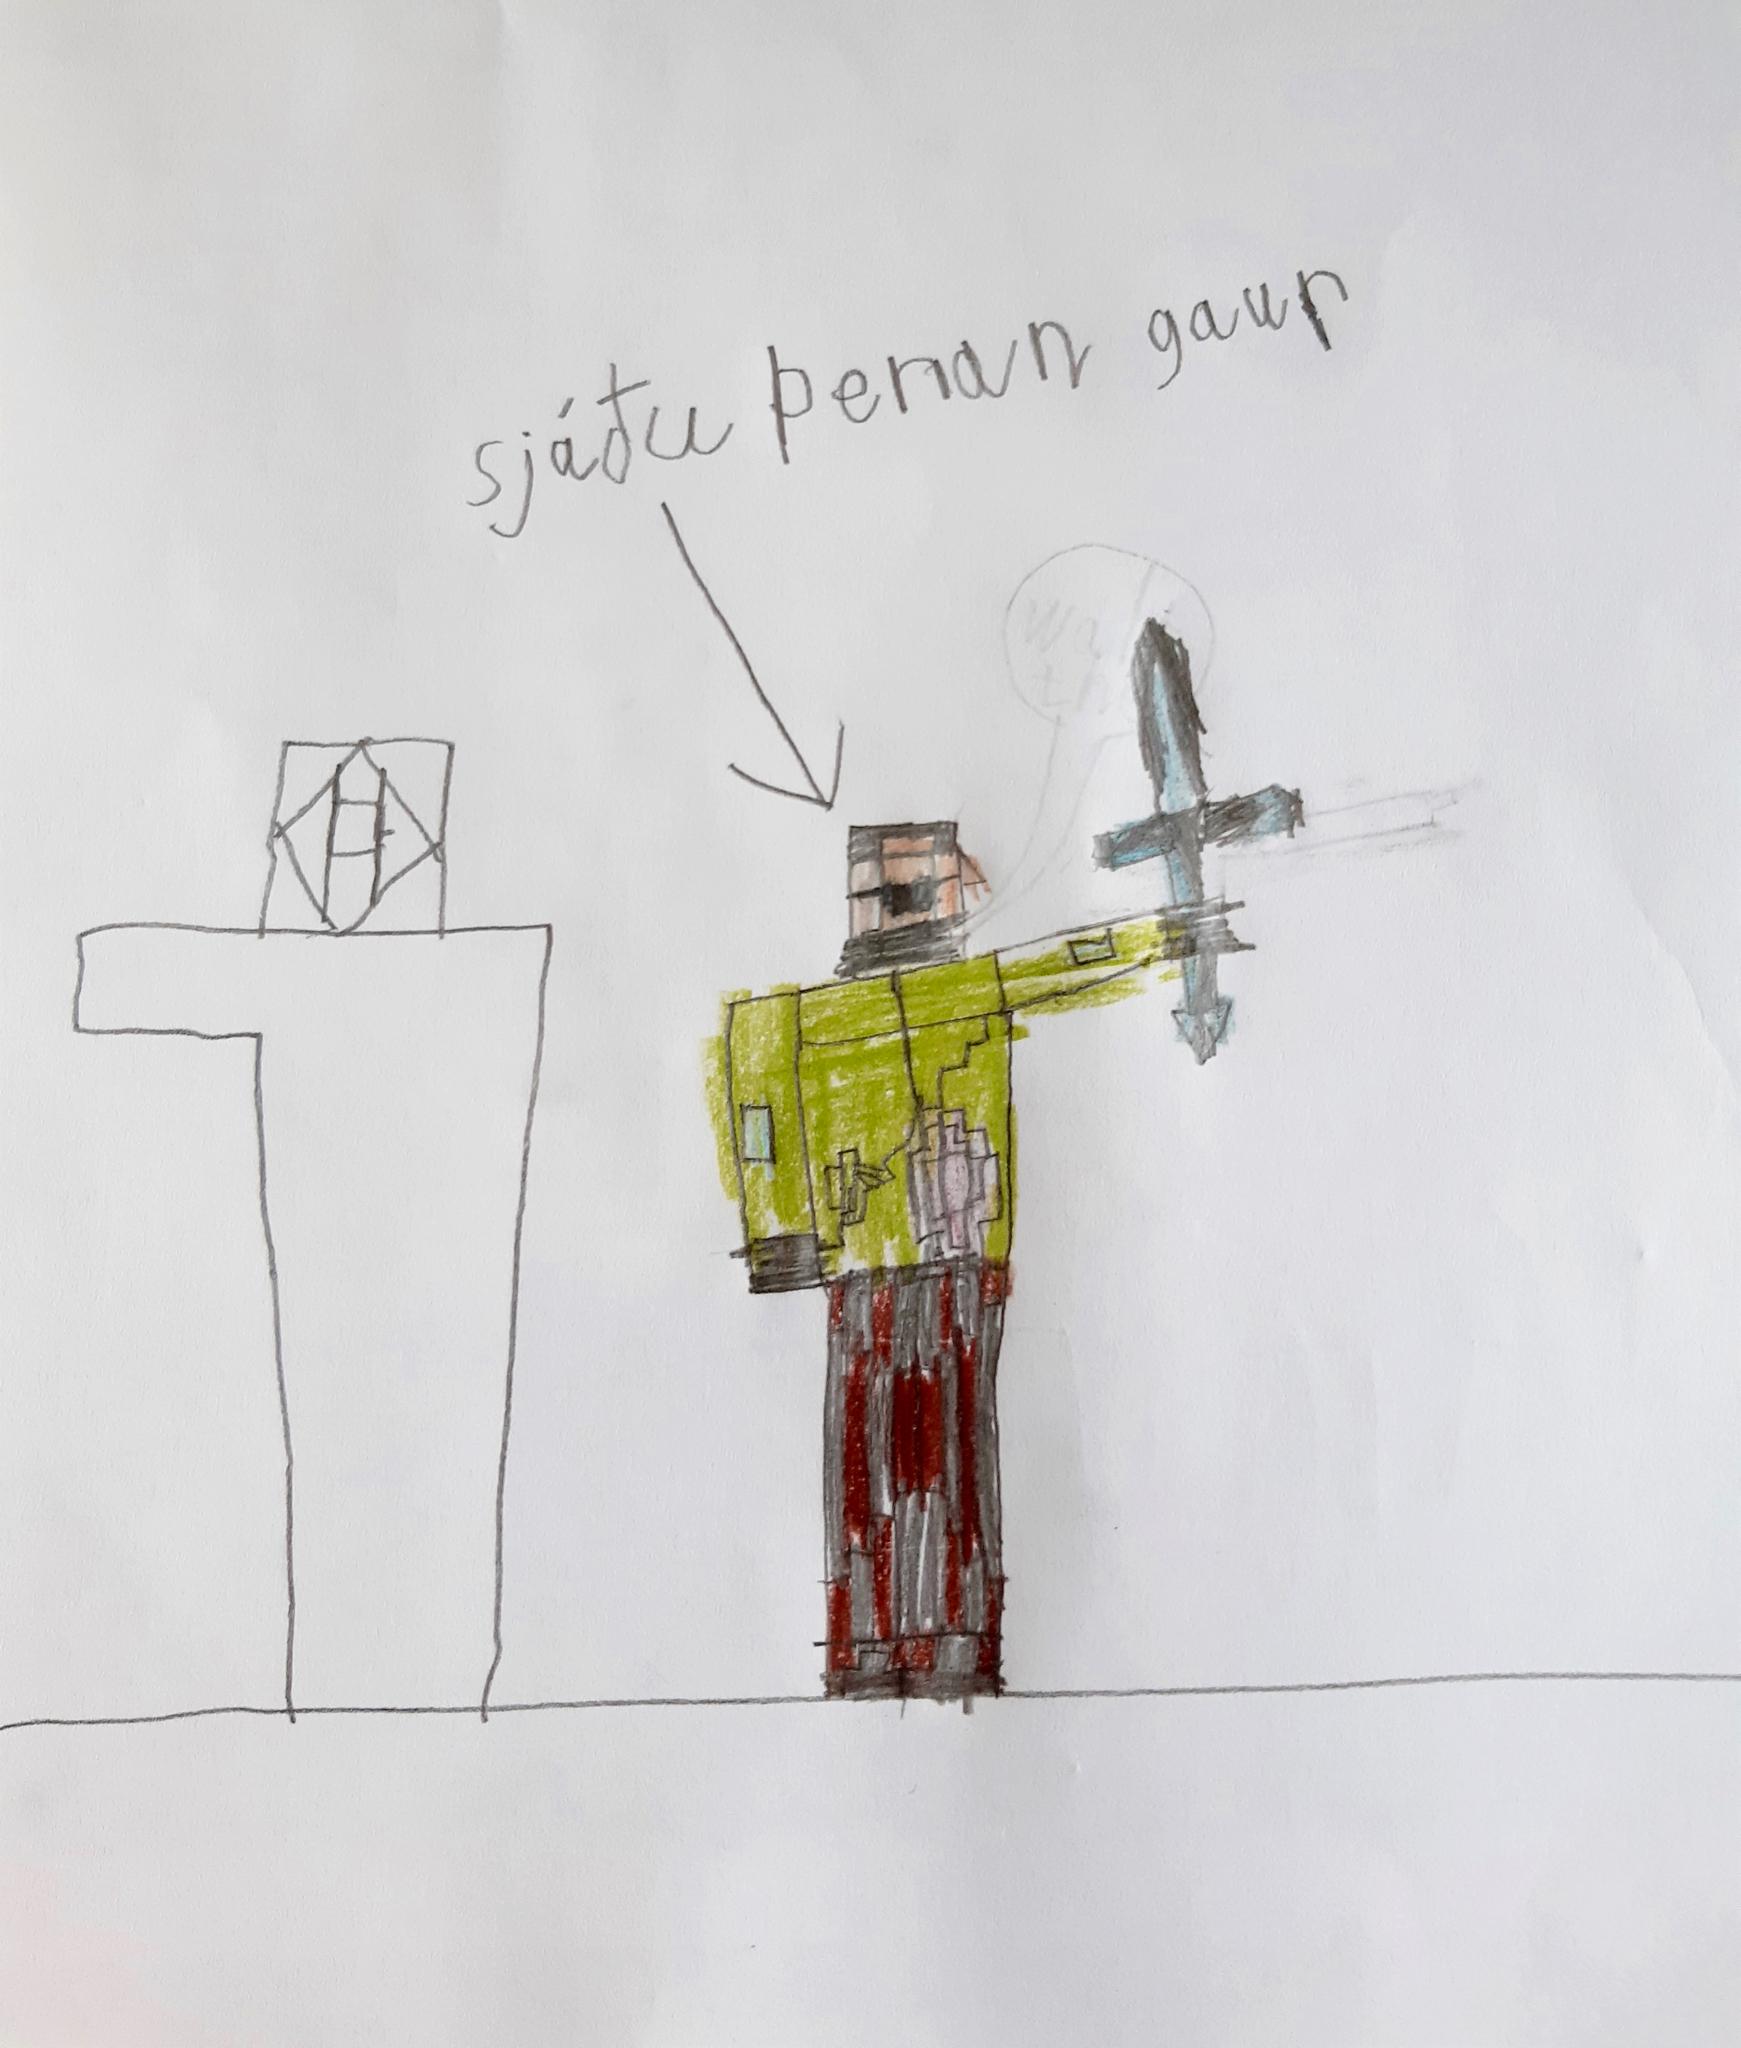 Age 9, Iceland